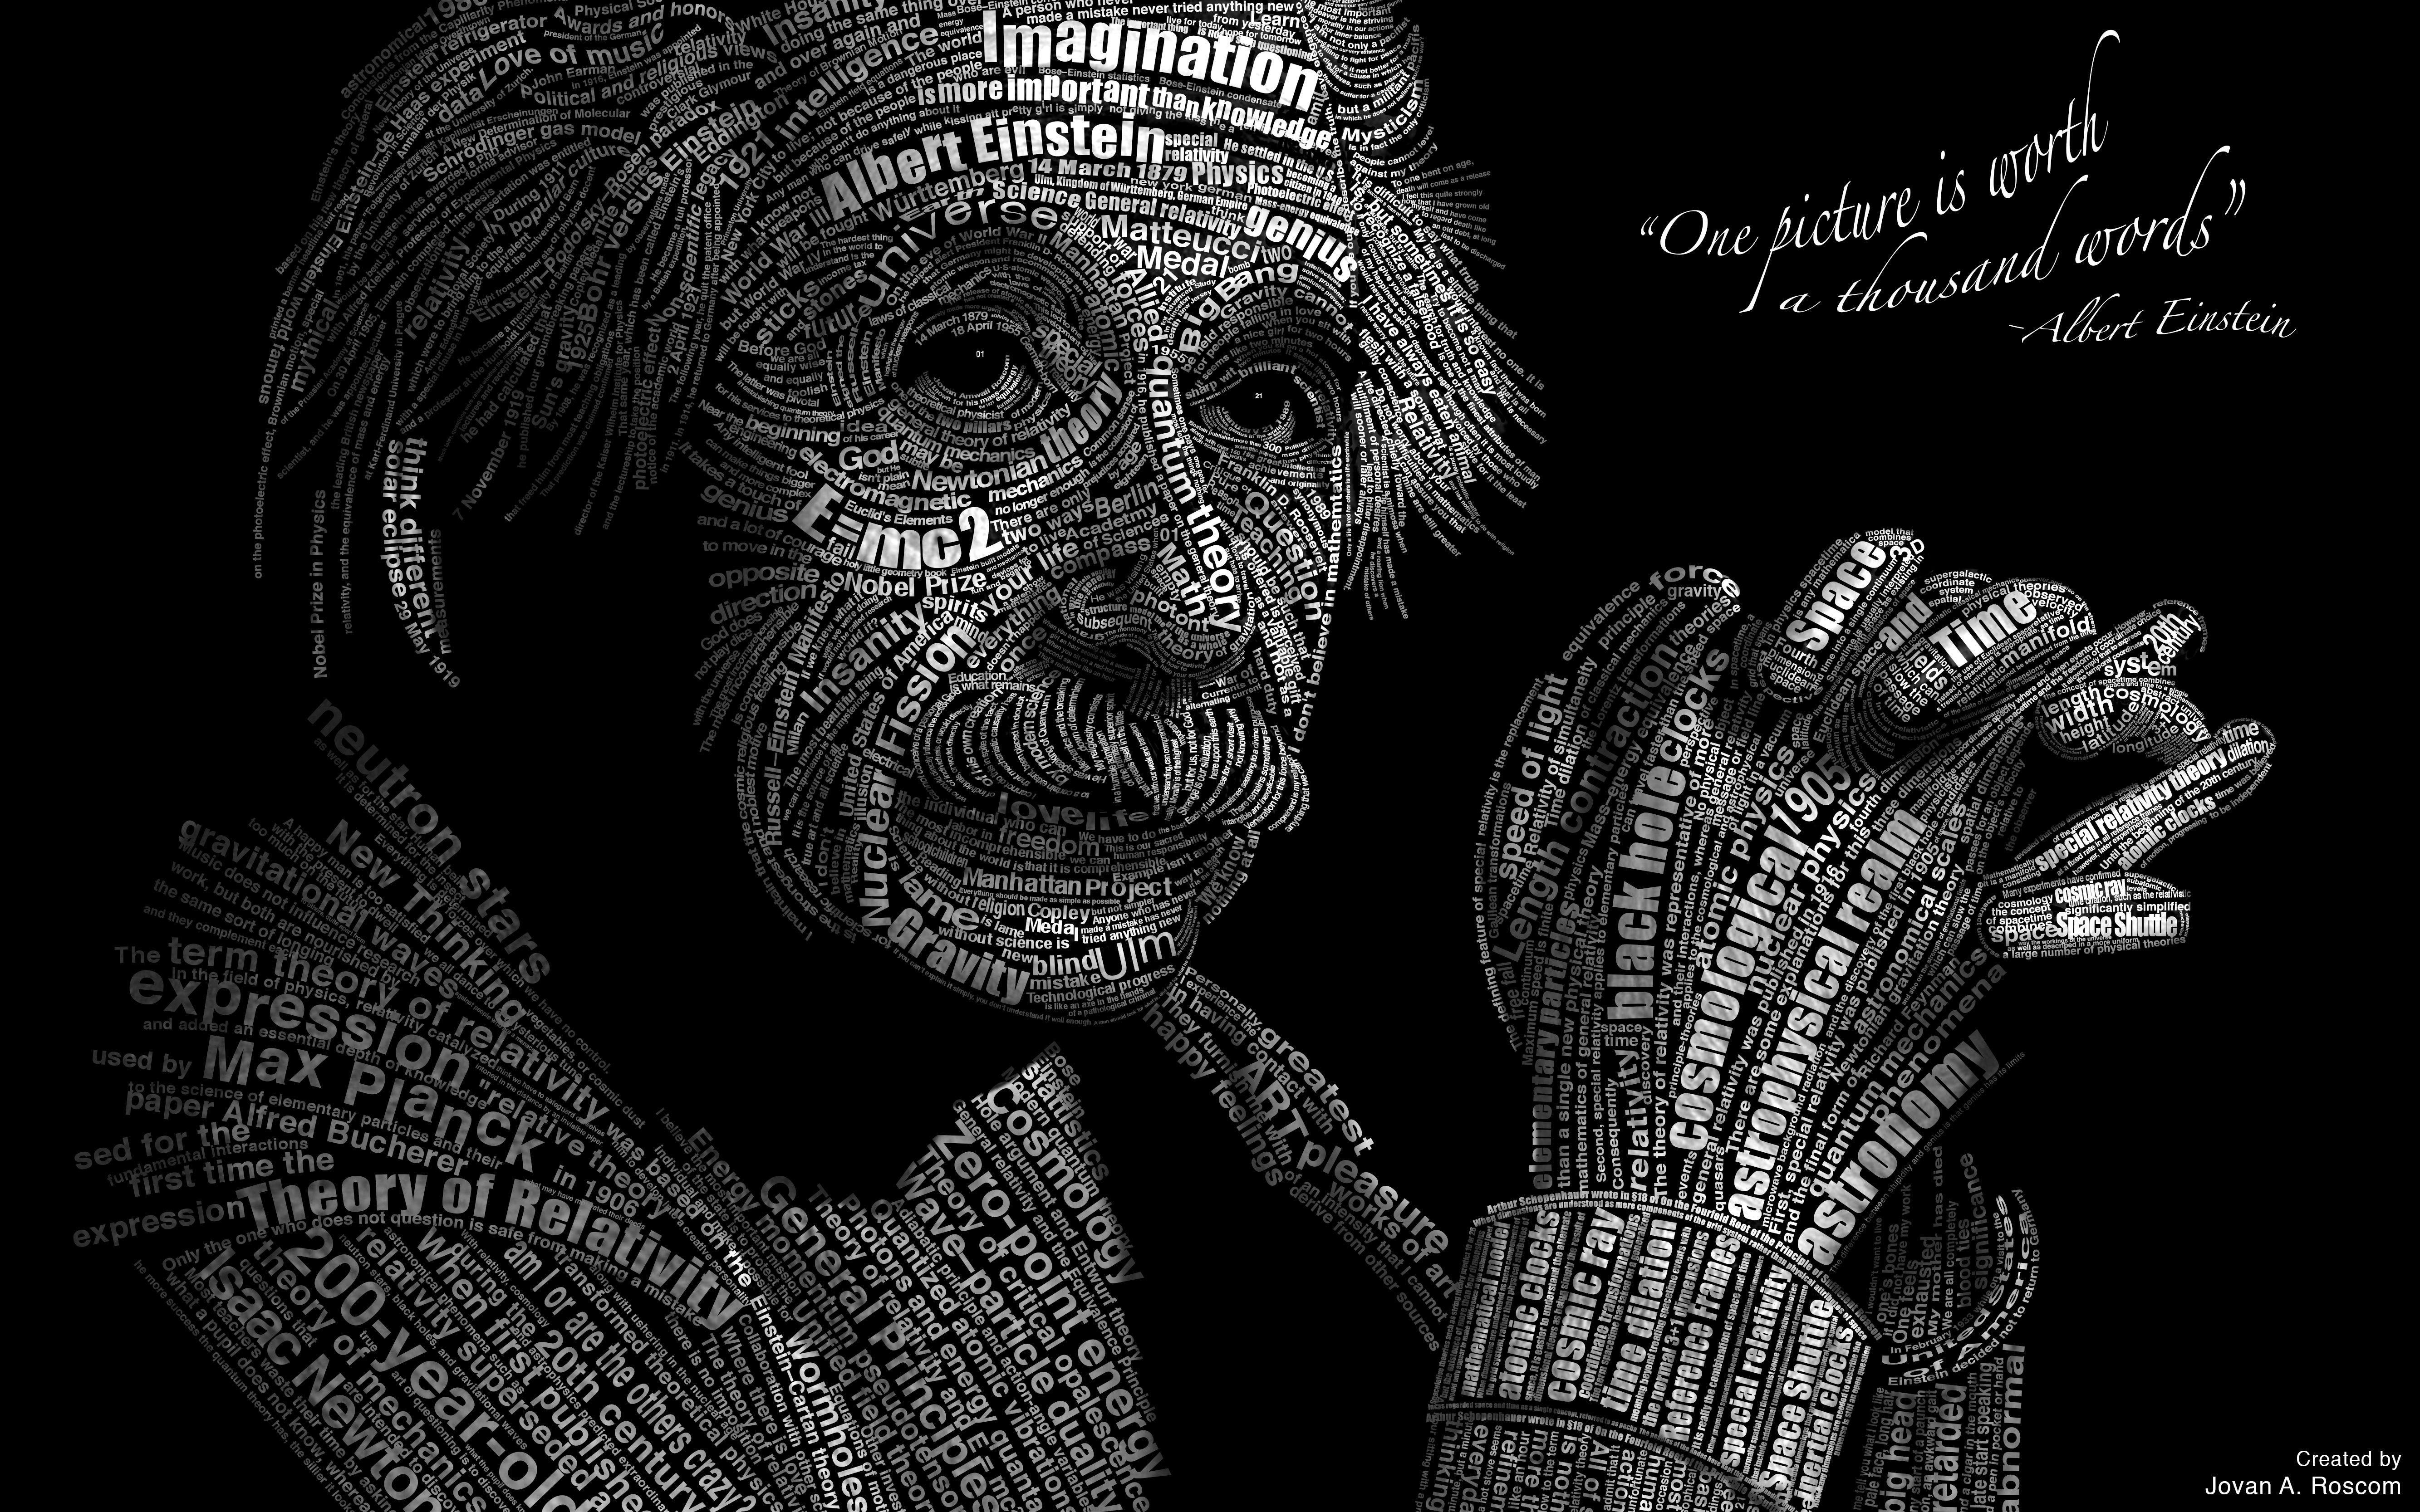 wallpaper albert einstein math problems - photo #18